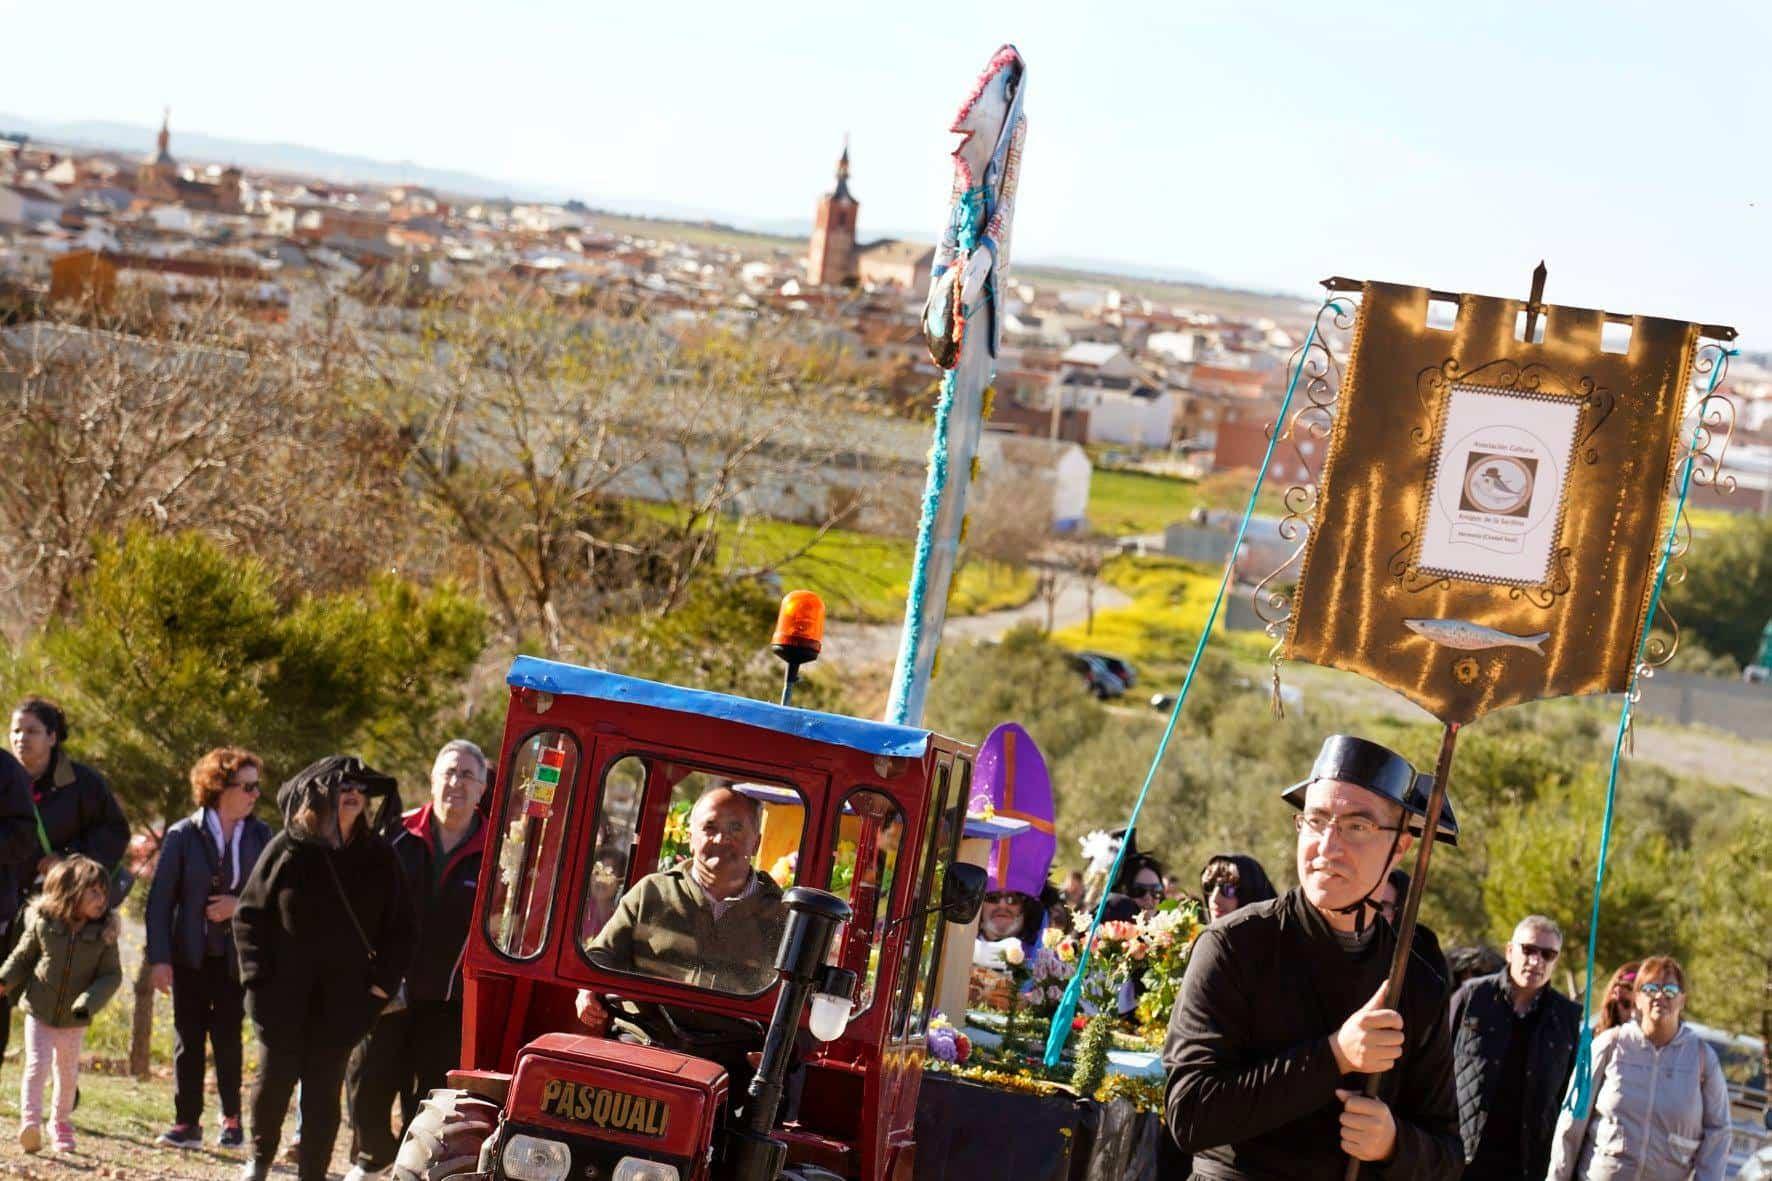 Carnaval de Herencia 2020 entierro sardina 14 - El Entierro de la Sardina 2020 del Carnaval de Herencia